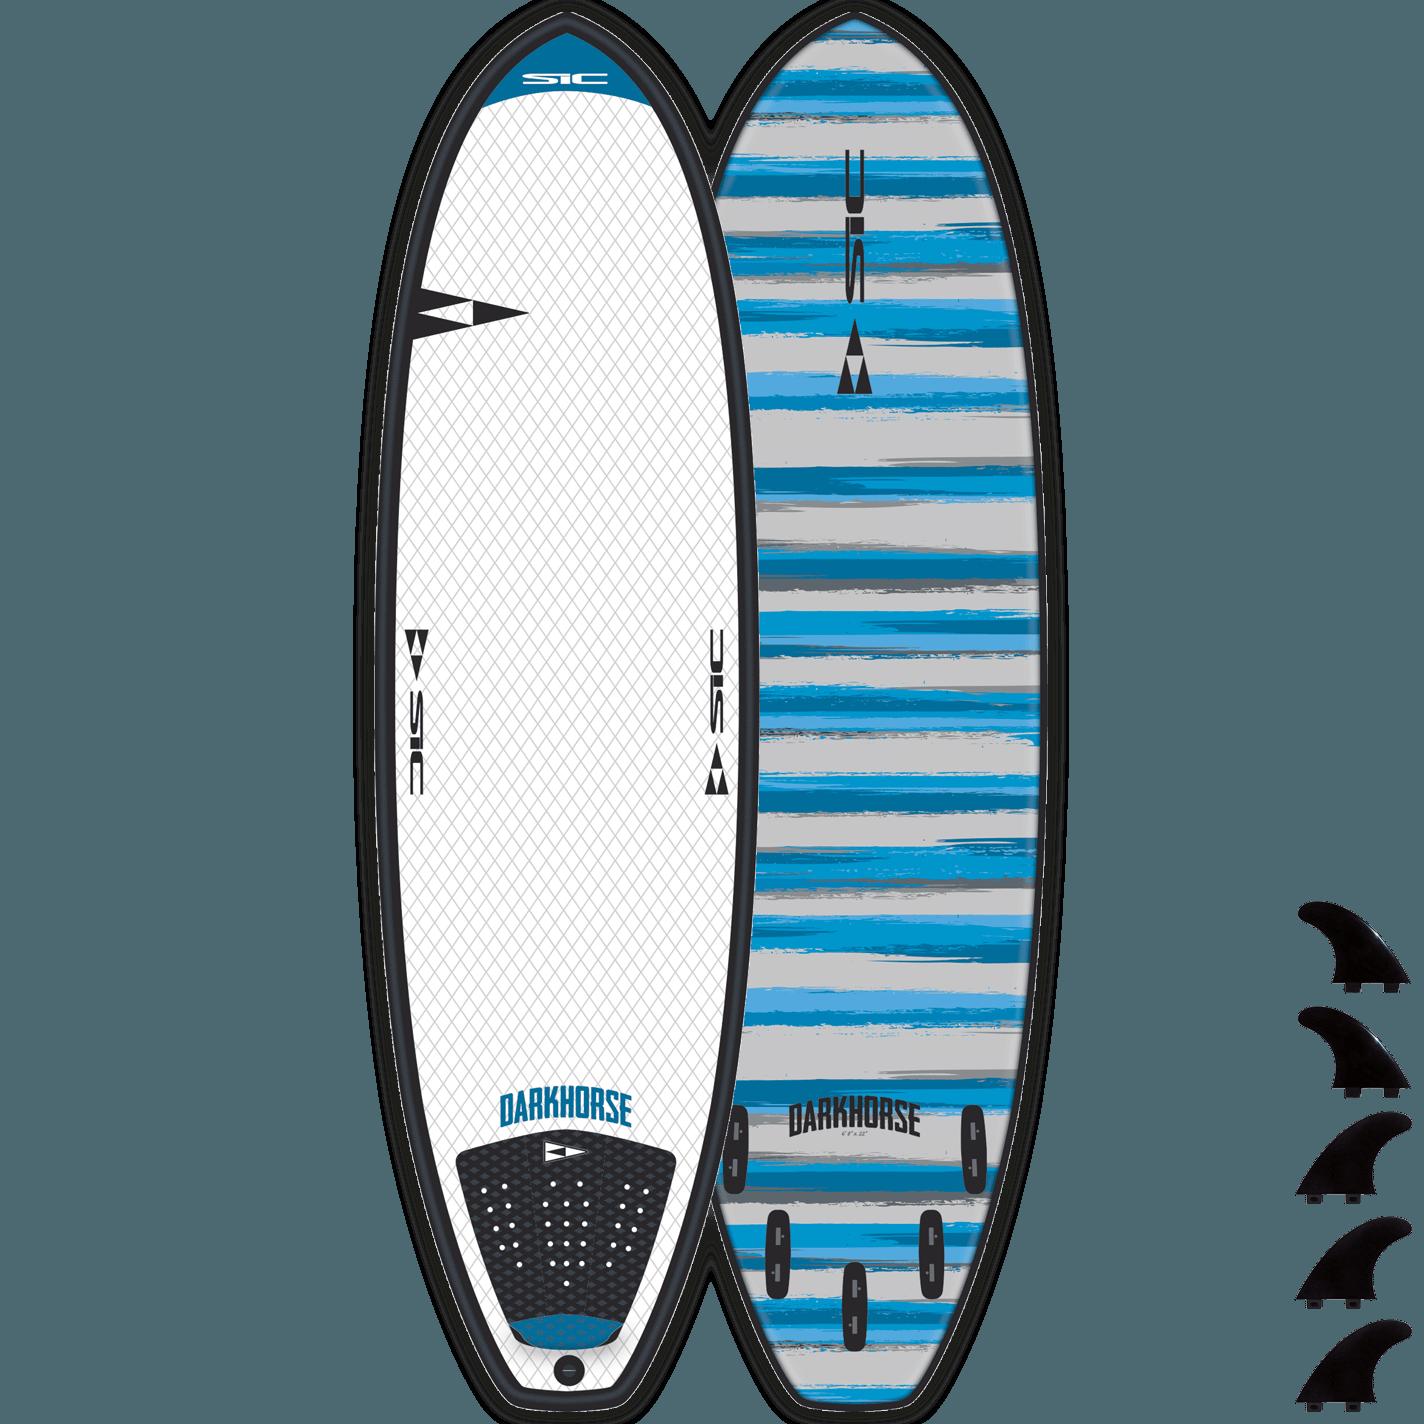 """SURF SIC - DARKHORSE (VORTEX) 5'8"""" - Top - 106416"""